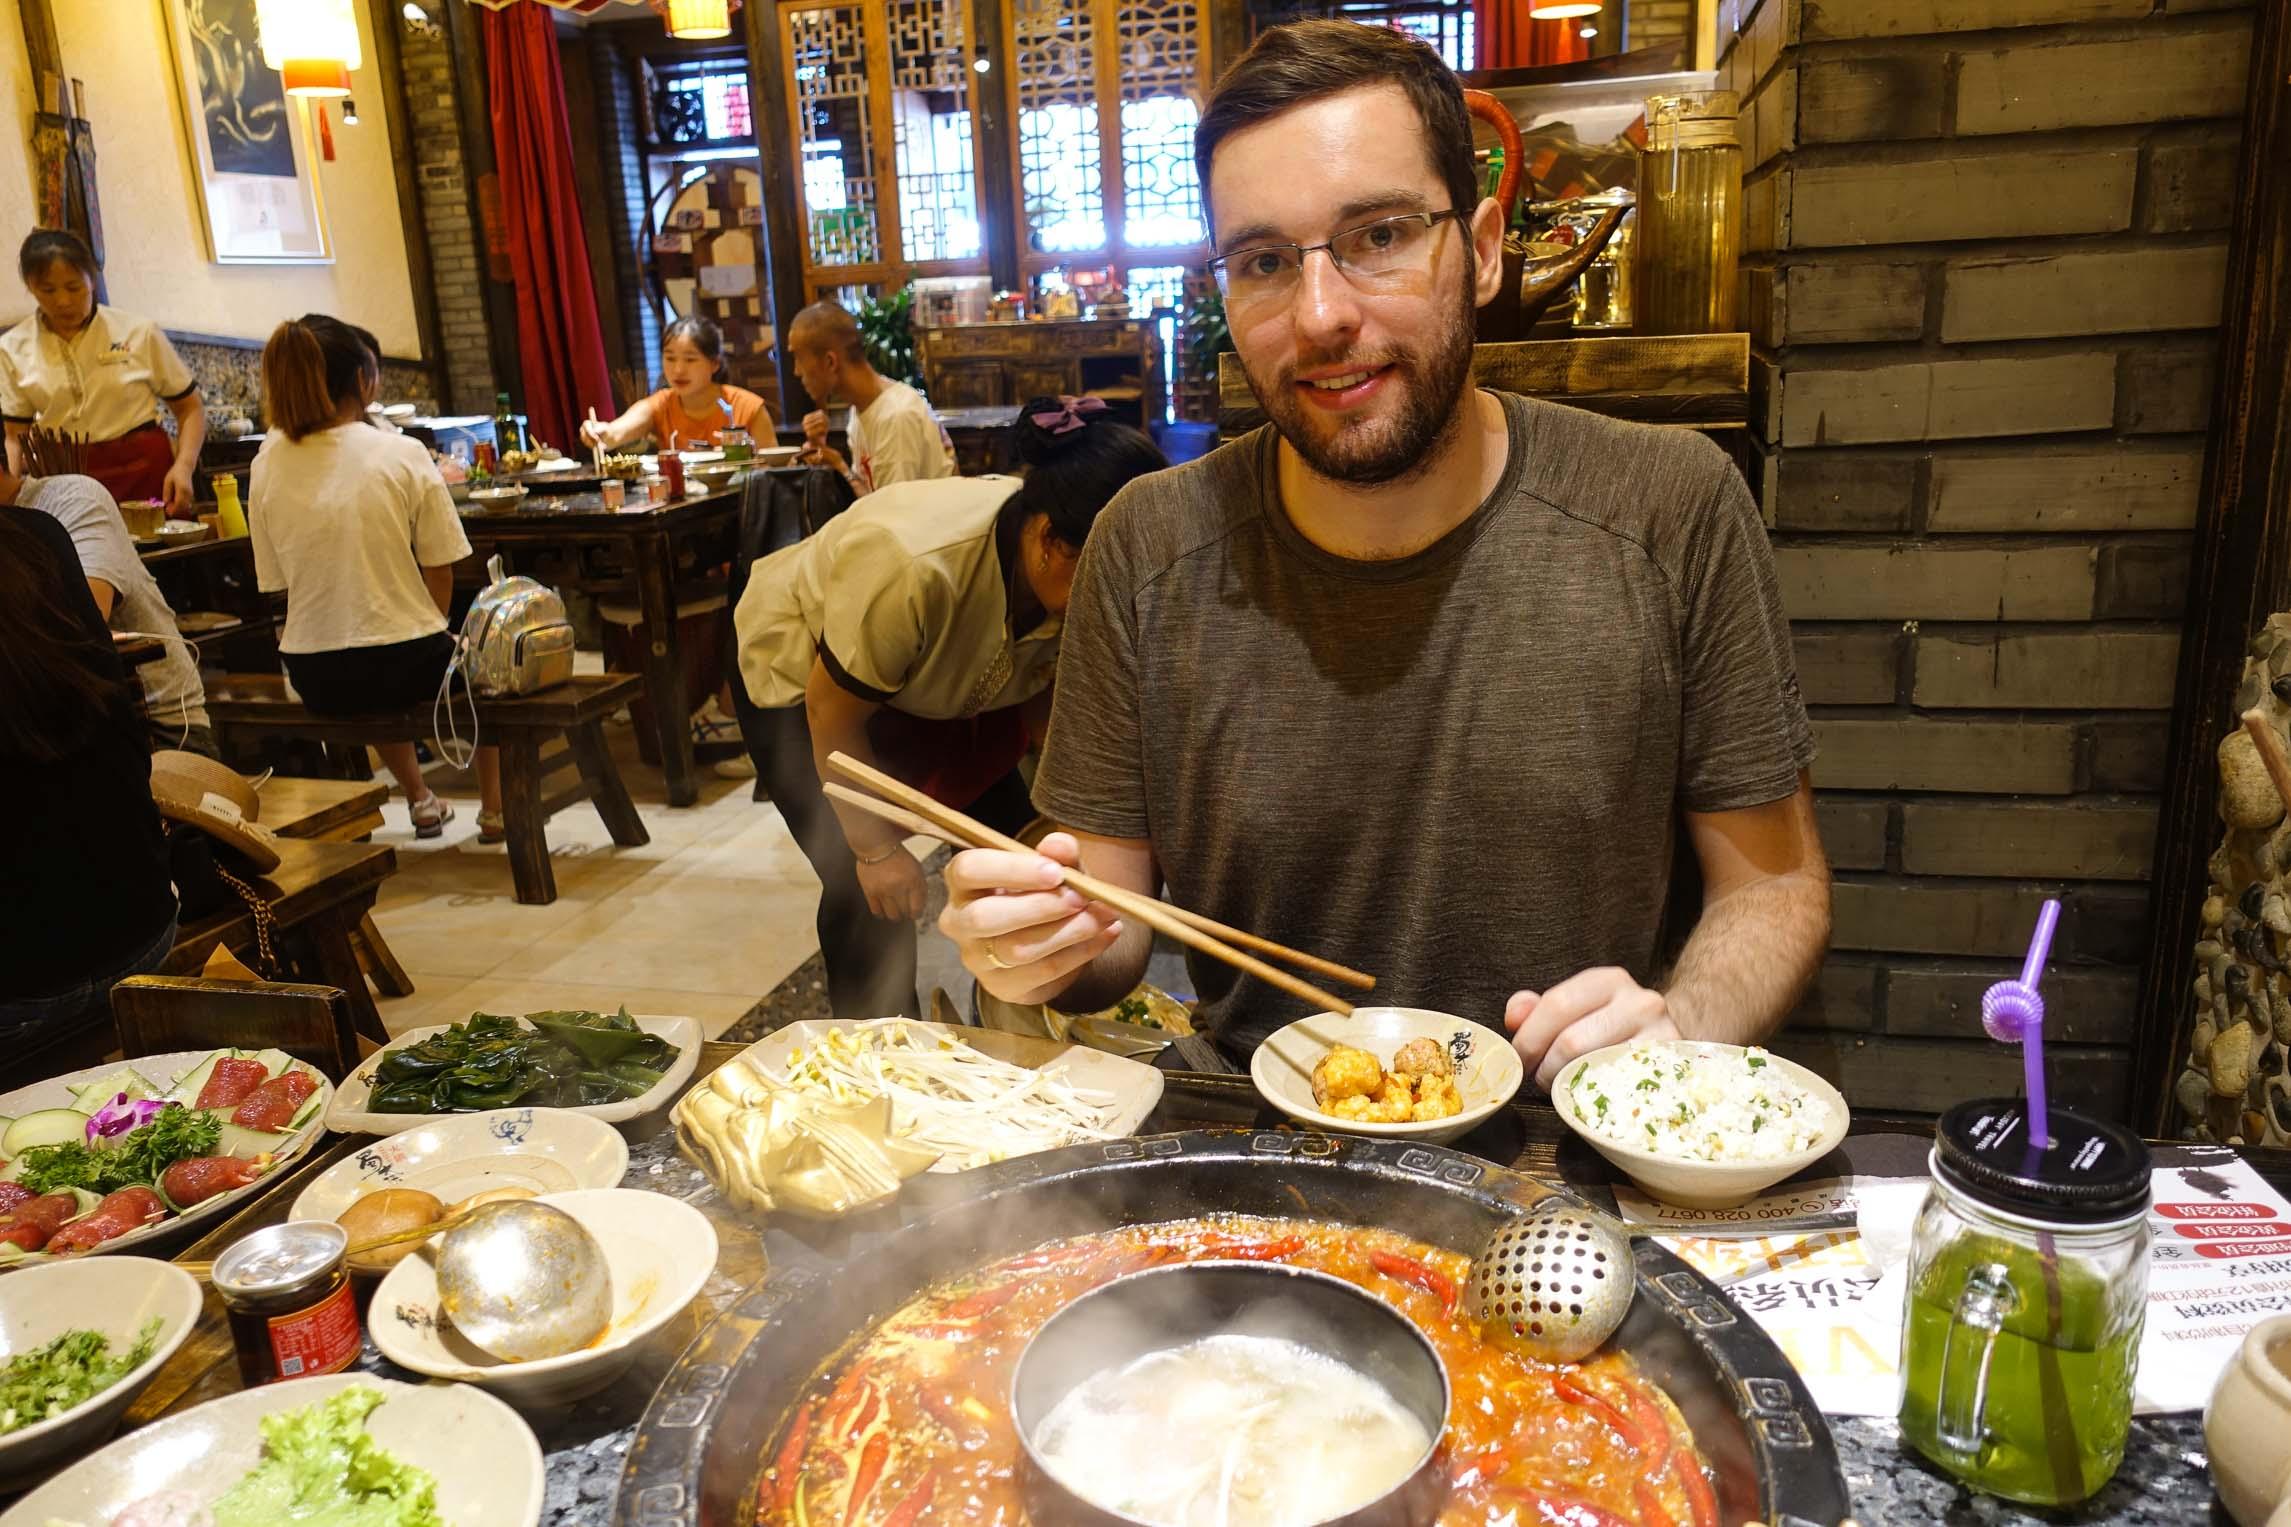 Ákos eating hot pot